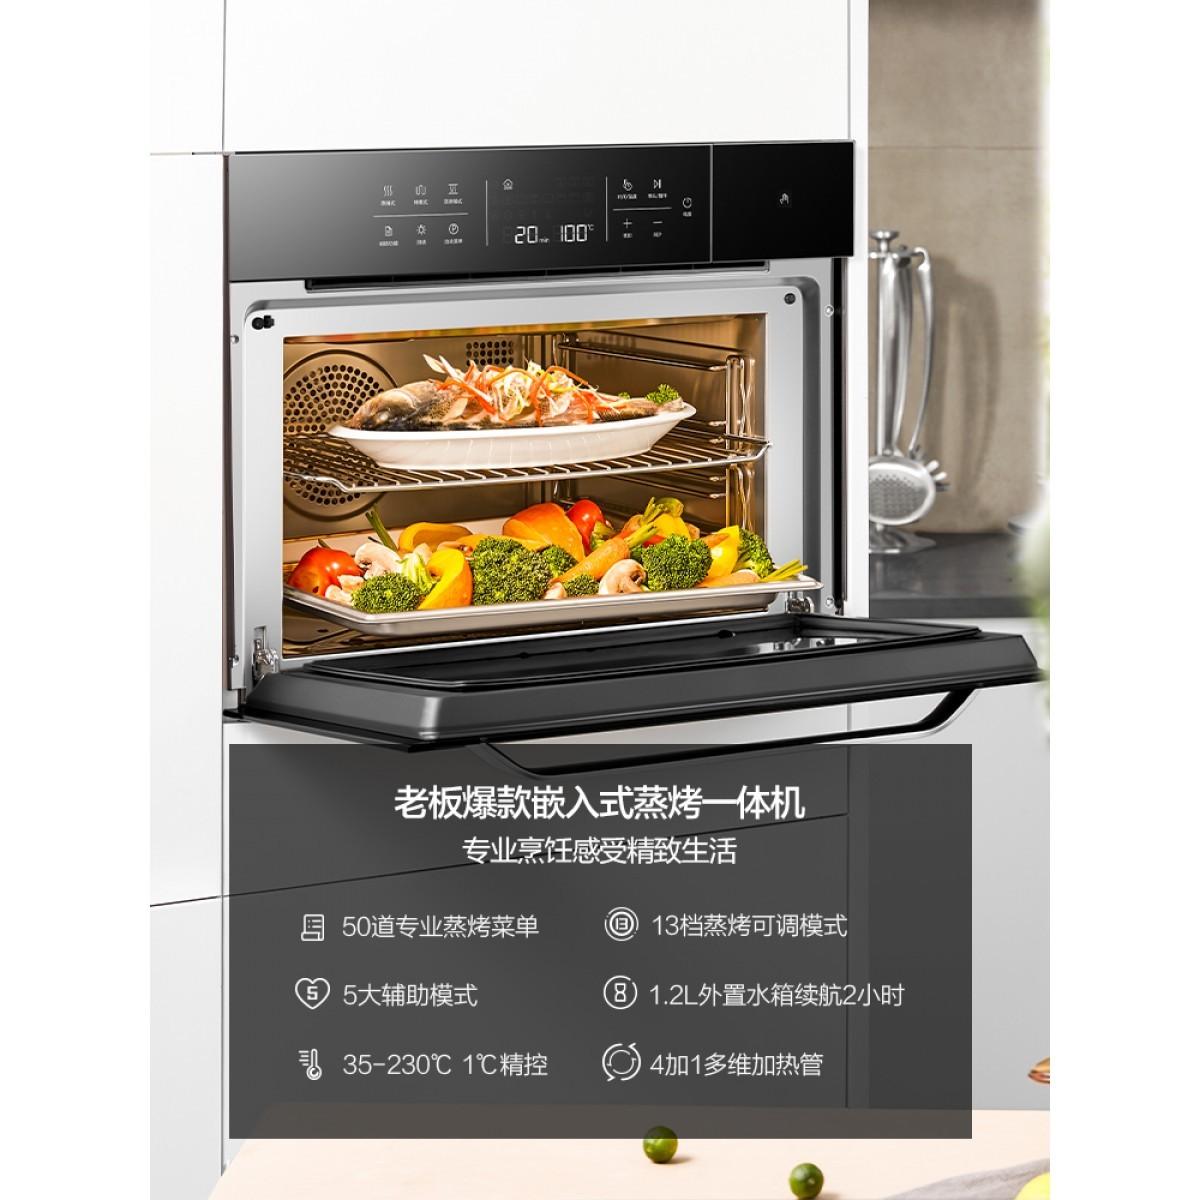 老板 嵌入式蒸烤箱蒸烤一体机家用蒸箱电烤箱二合一 KZQS-48-C973X